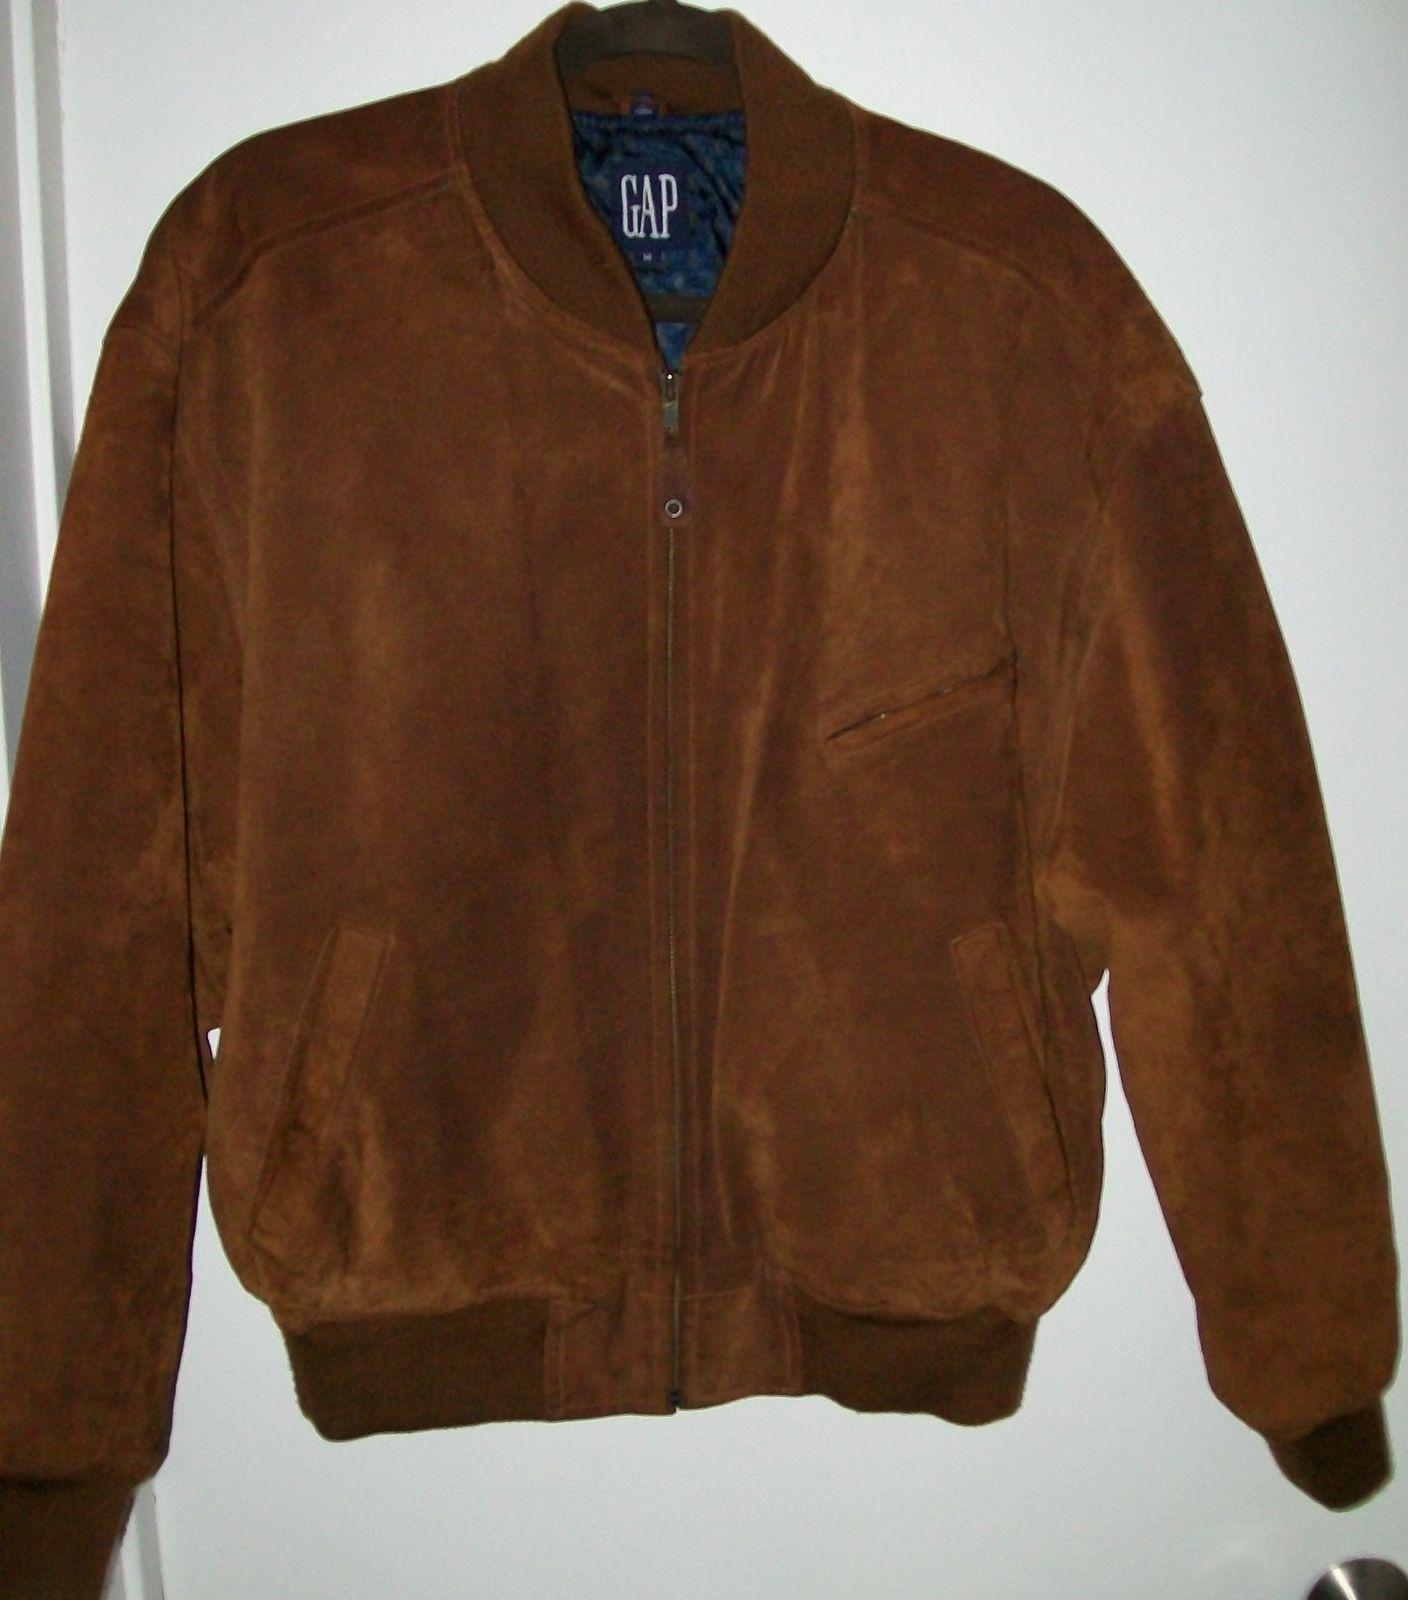 Mens Vintage The Gap Caramel Brown Suede Baseball Jacket Size ...